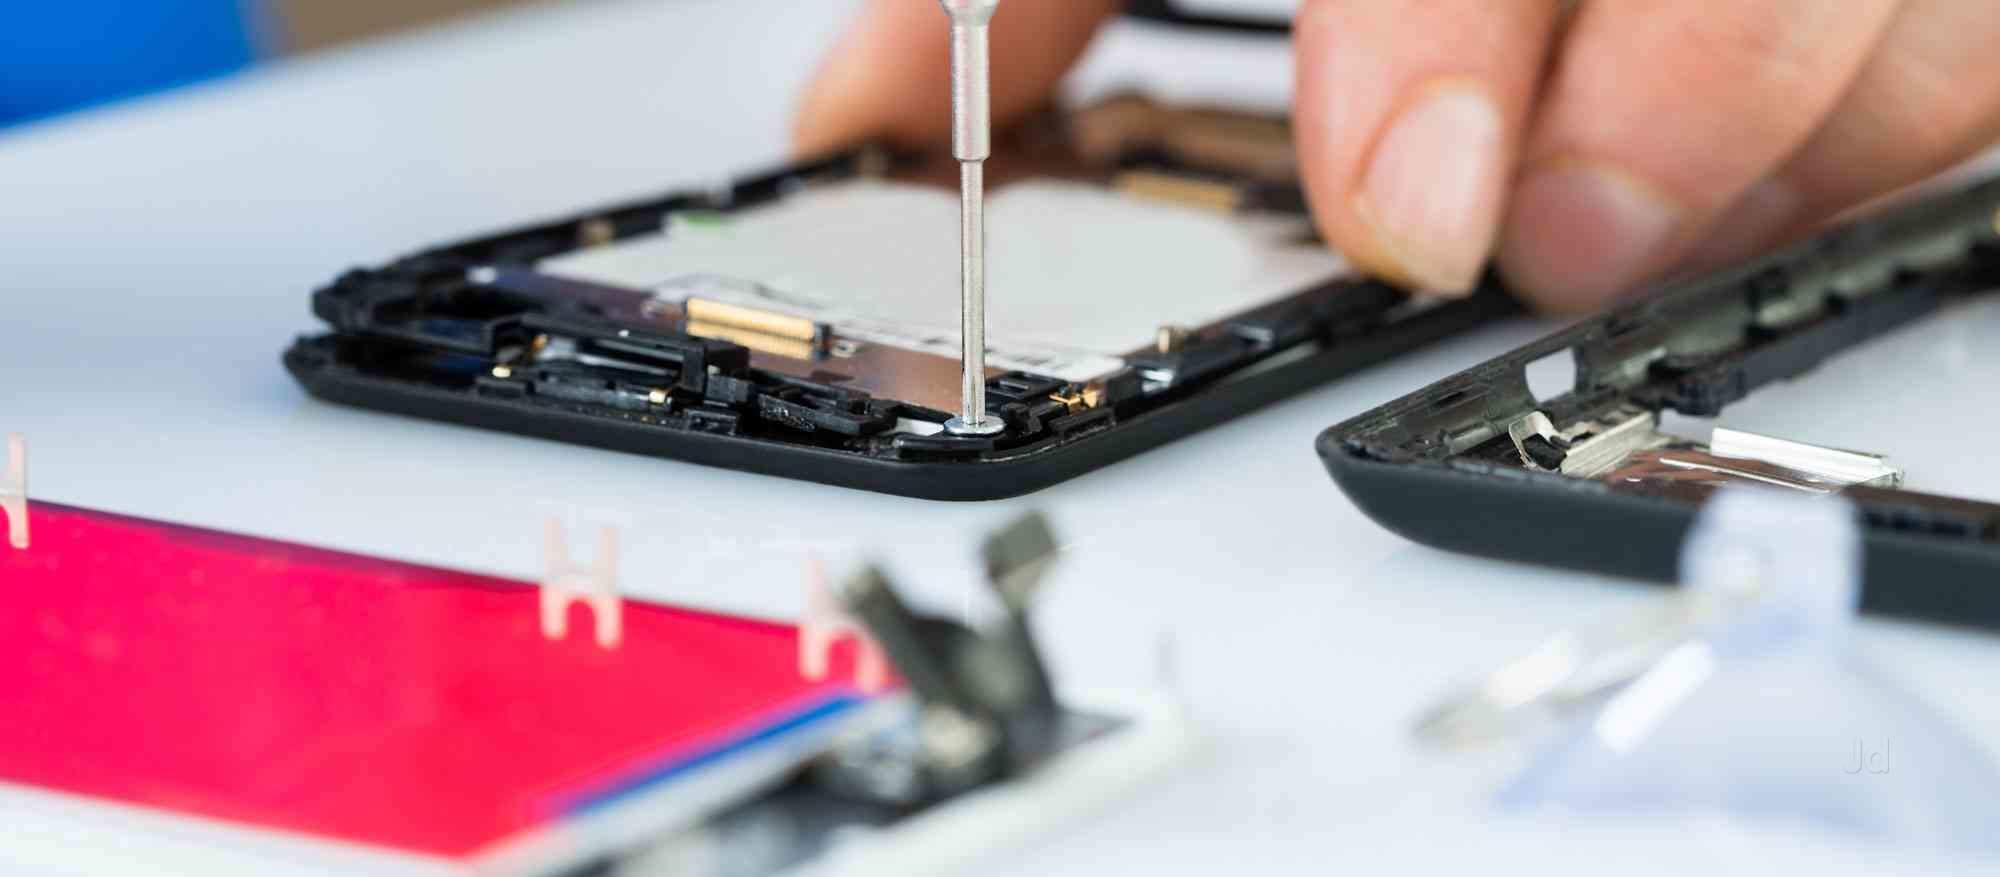 iPhone Repair Tips